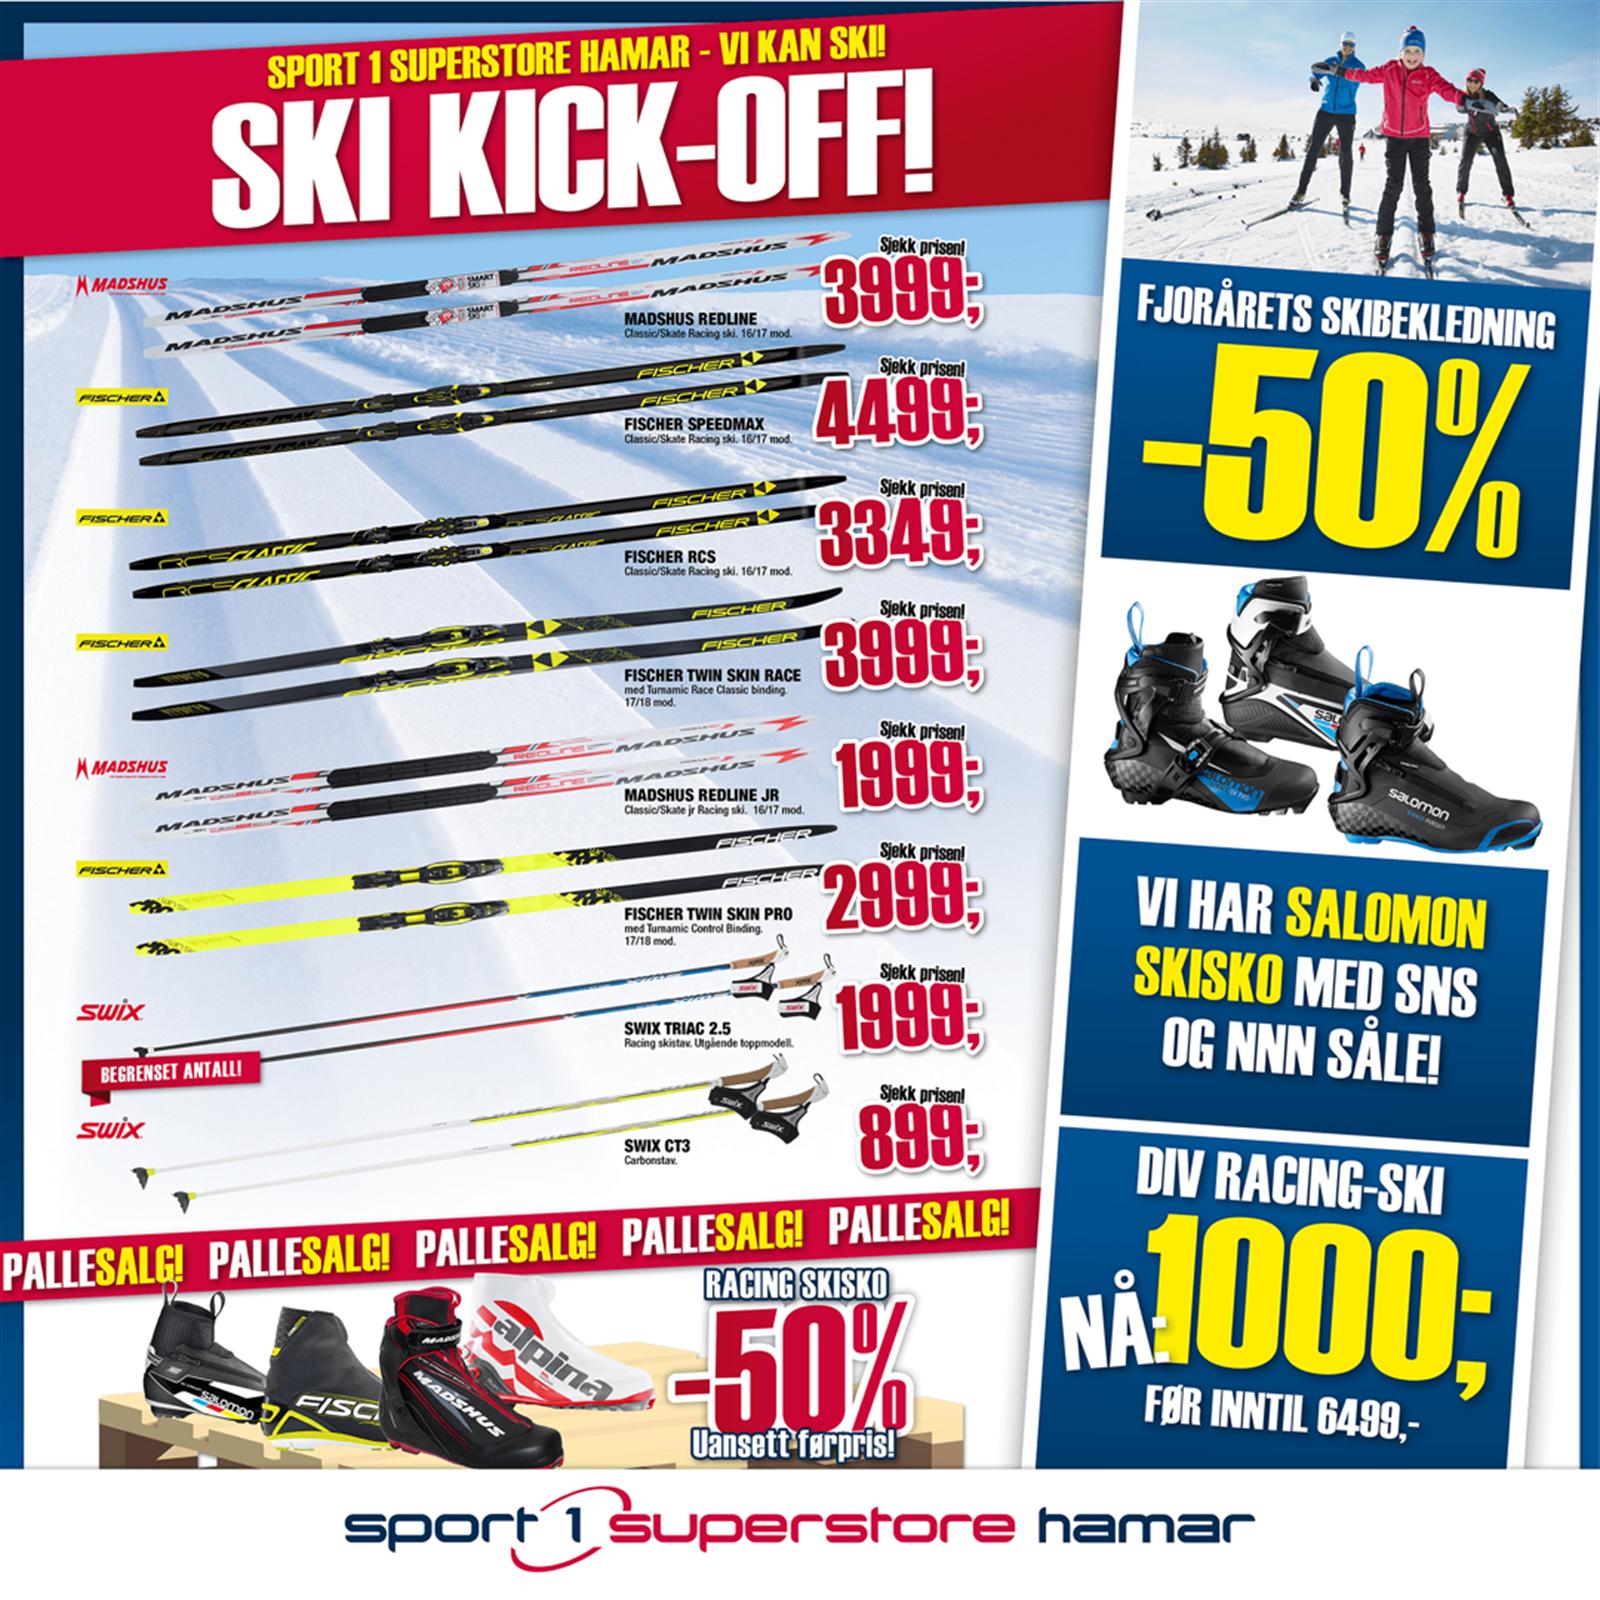 Ski Kick-Off